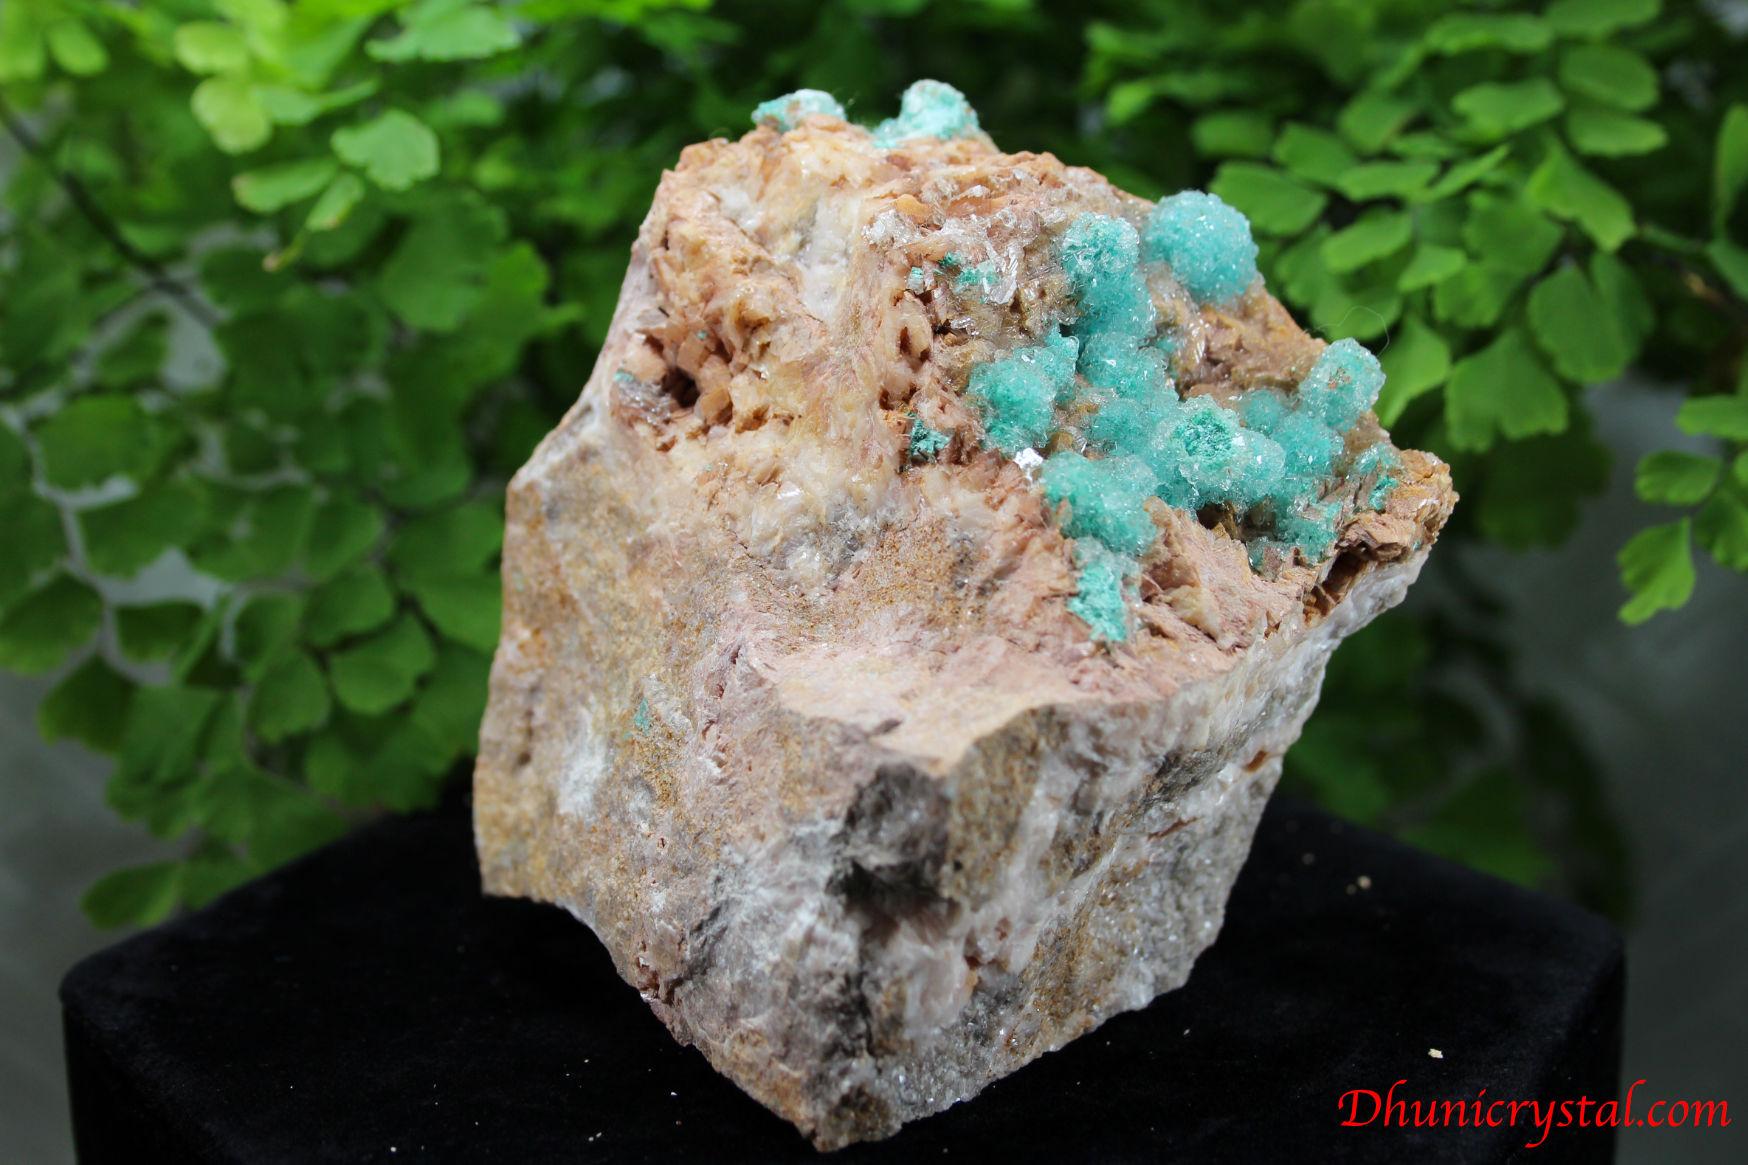 ローザサイト&セレナイト/共生鉱物(J262)